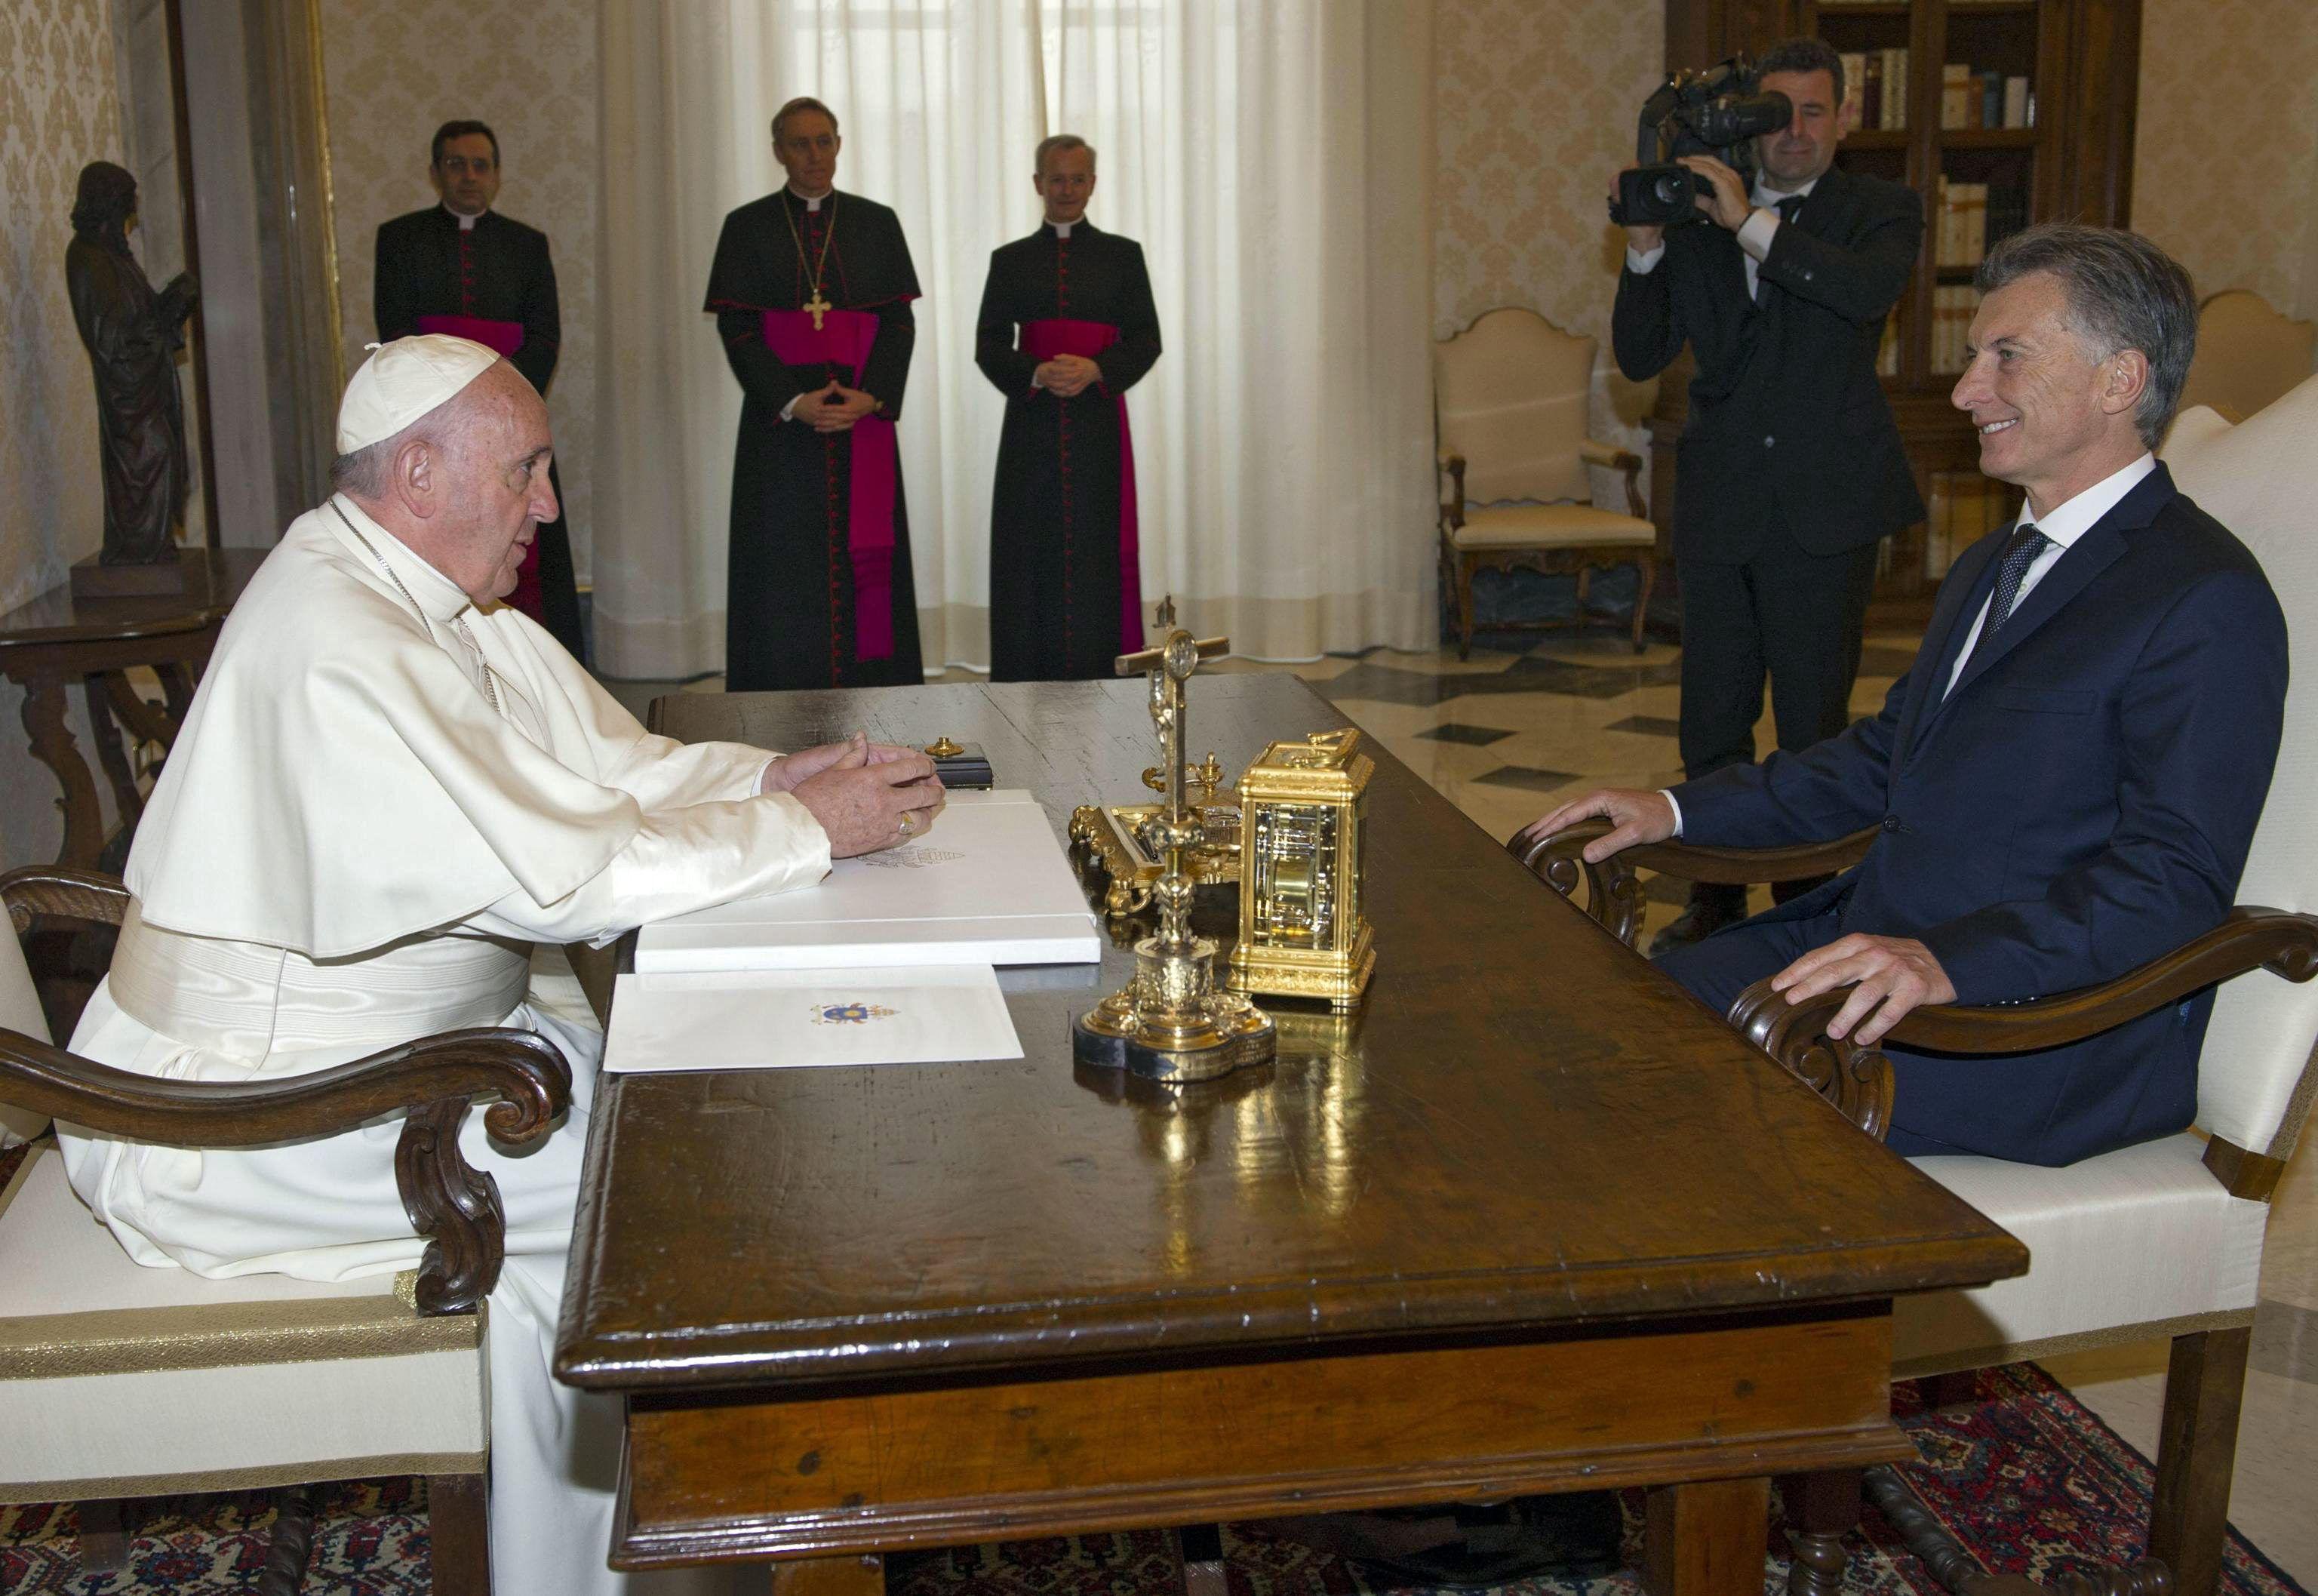 El encuentro entre Macri y el Papa, en fotos